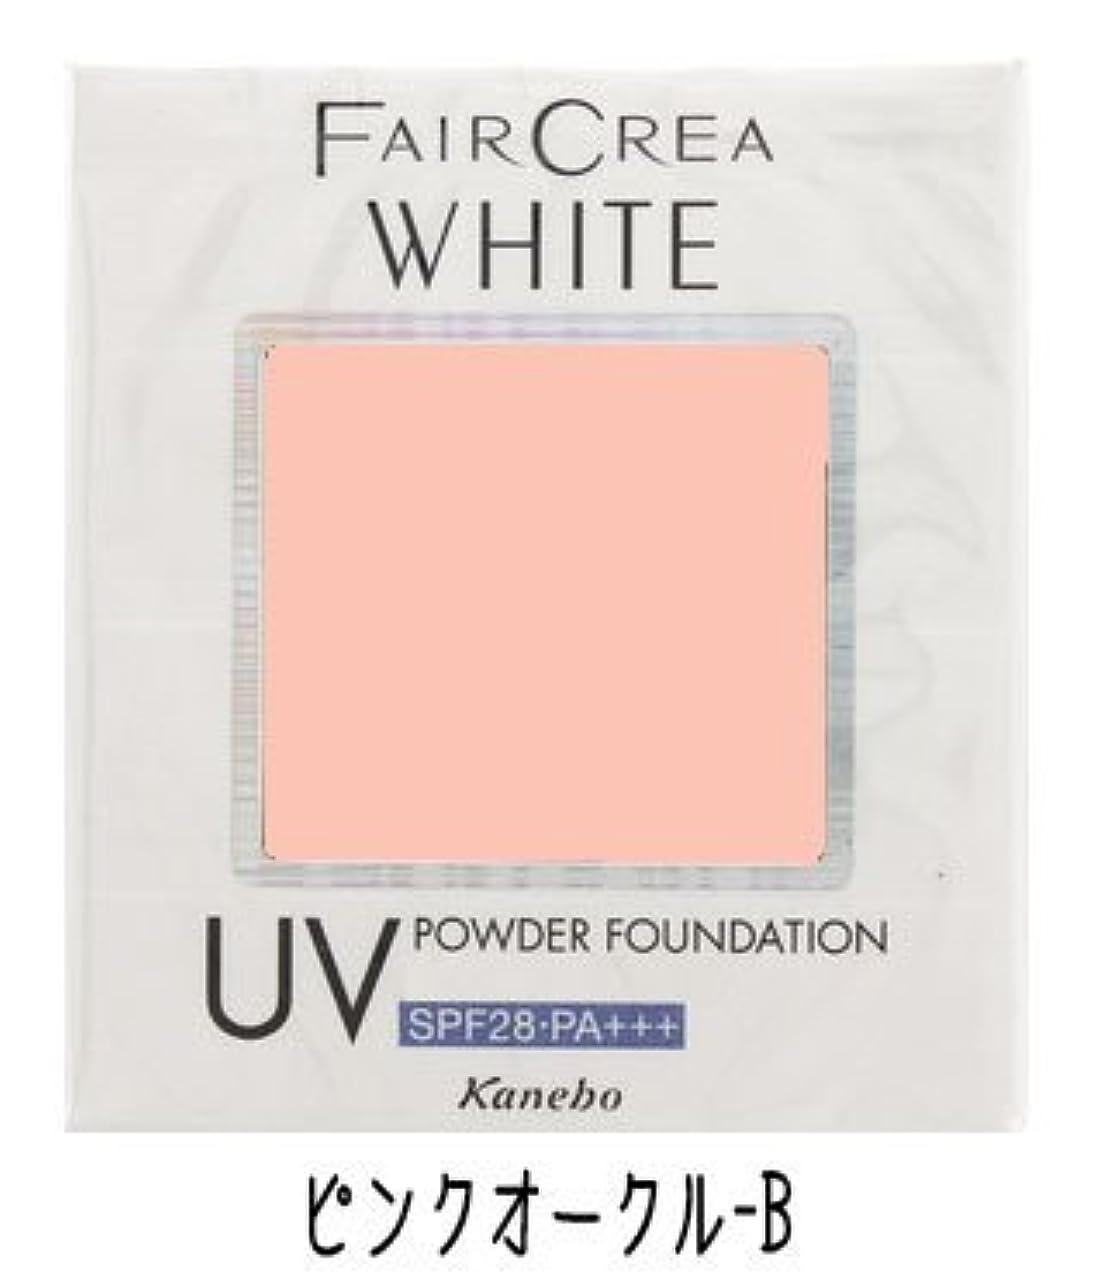 カネボウ フェアクレア ホワイトUVパウダーファンデーション《10g》<カラー:ピンクオークルB>